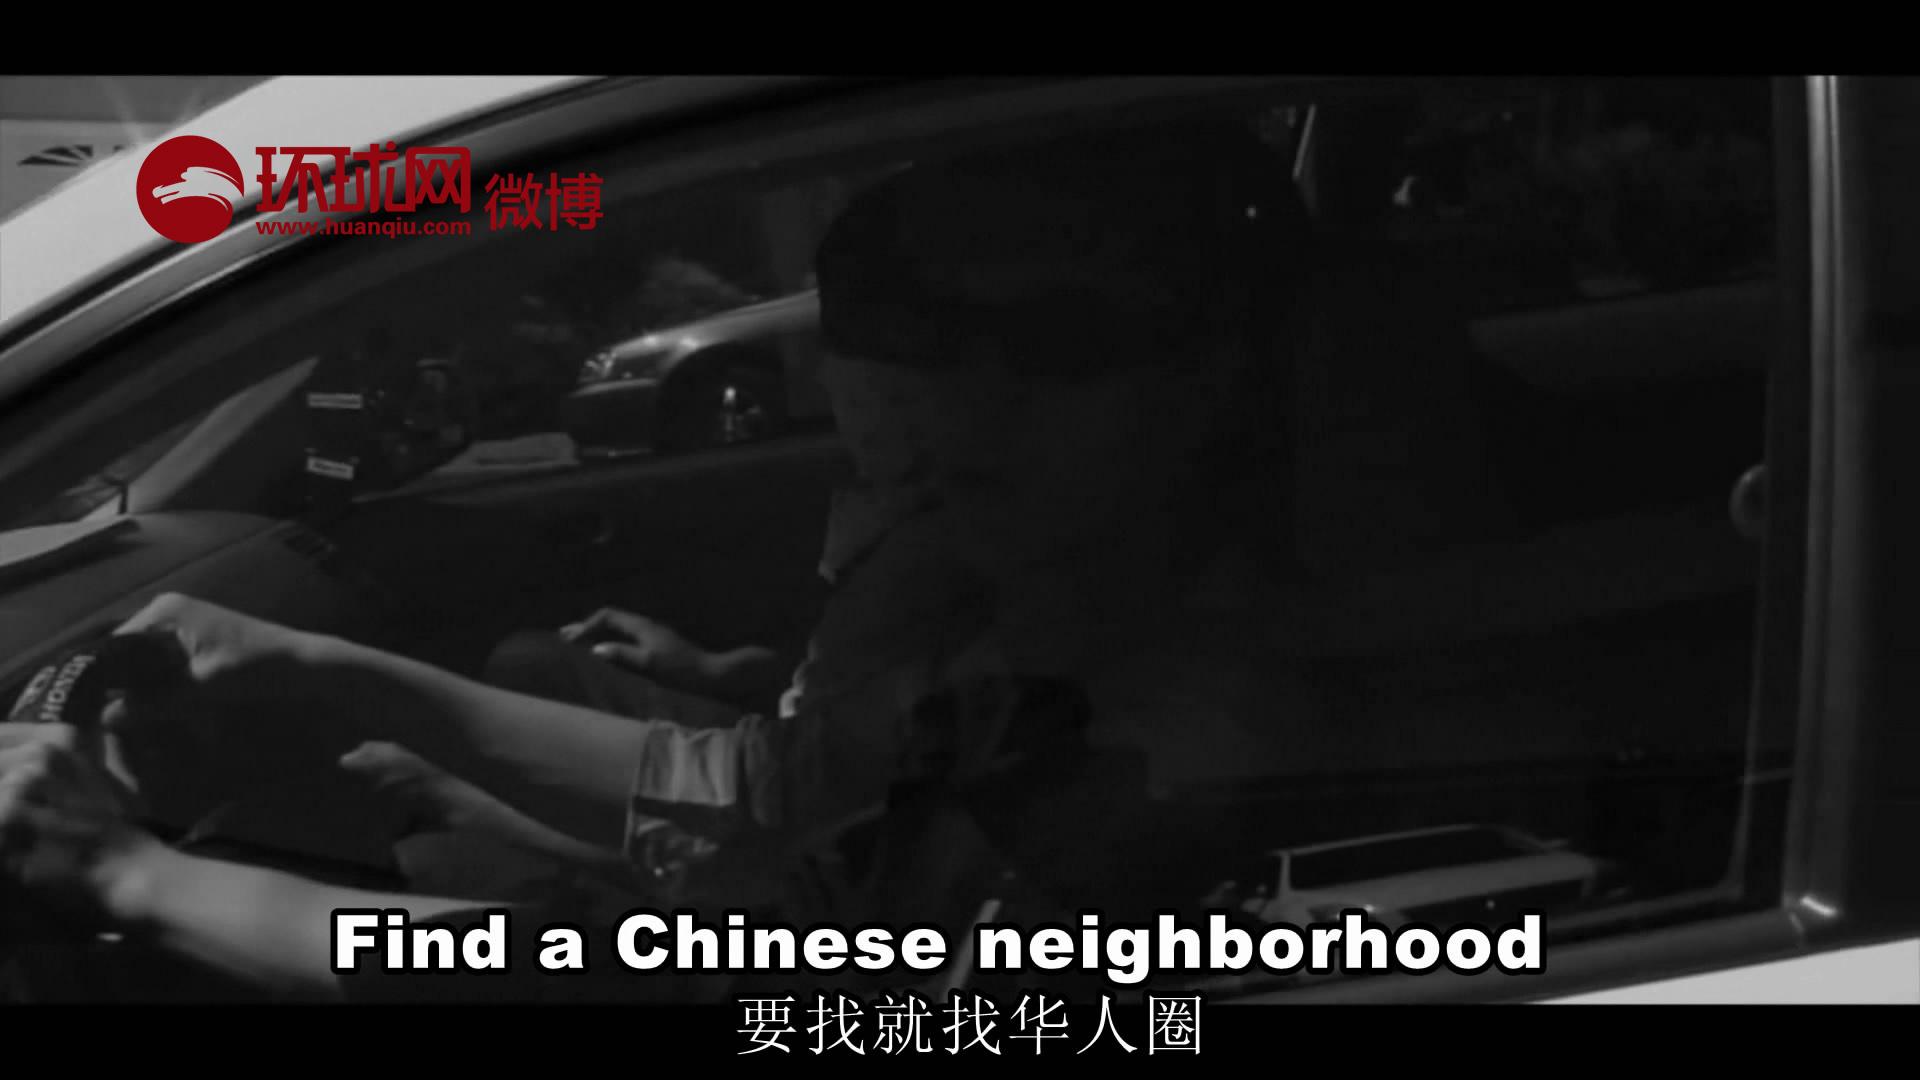 """该首名为《遇见劫匪》的歌曲由美国嘻哈歌手YG创作,2014年首发。日前3万多美籍华人已在一封白宫的请愿信上签名,要求白宫禁播一首说唱歌曲。中国媒体形容这首歌""""煽动抢劫华人""""。"""